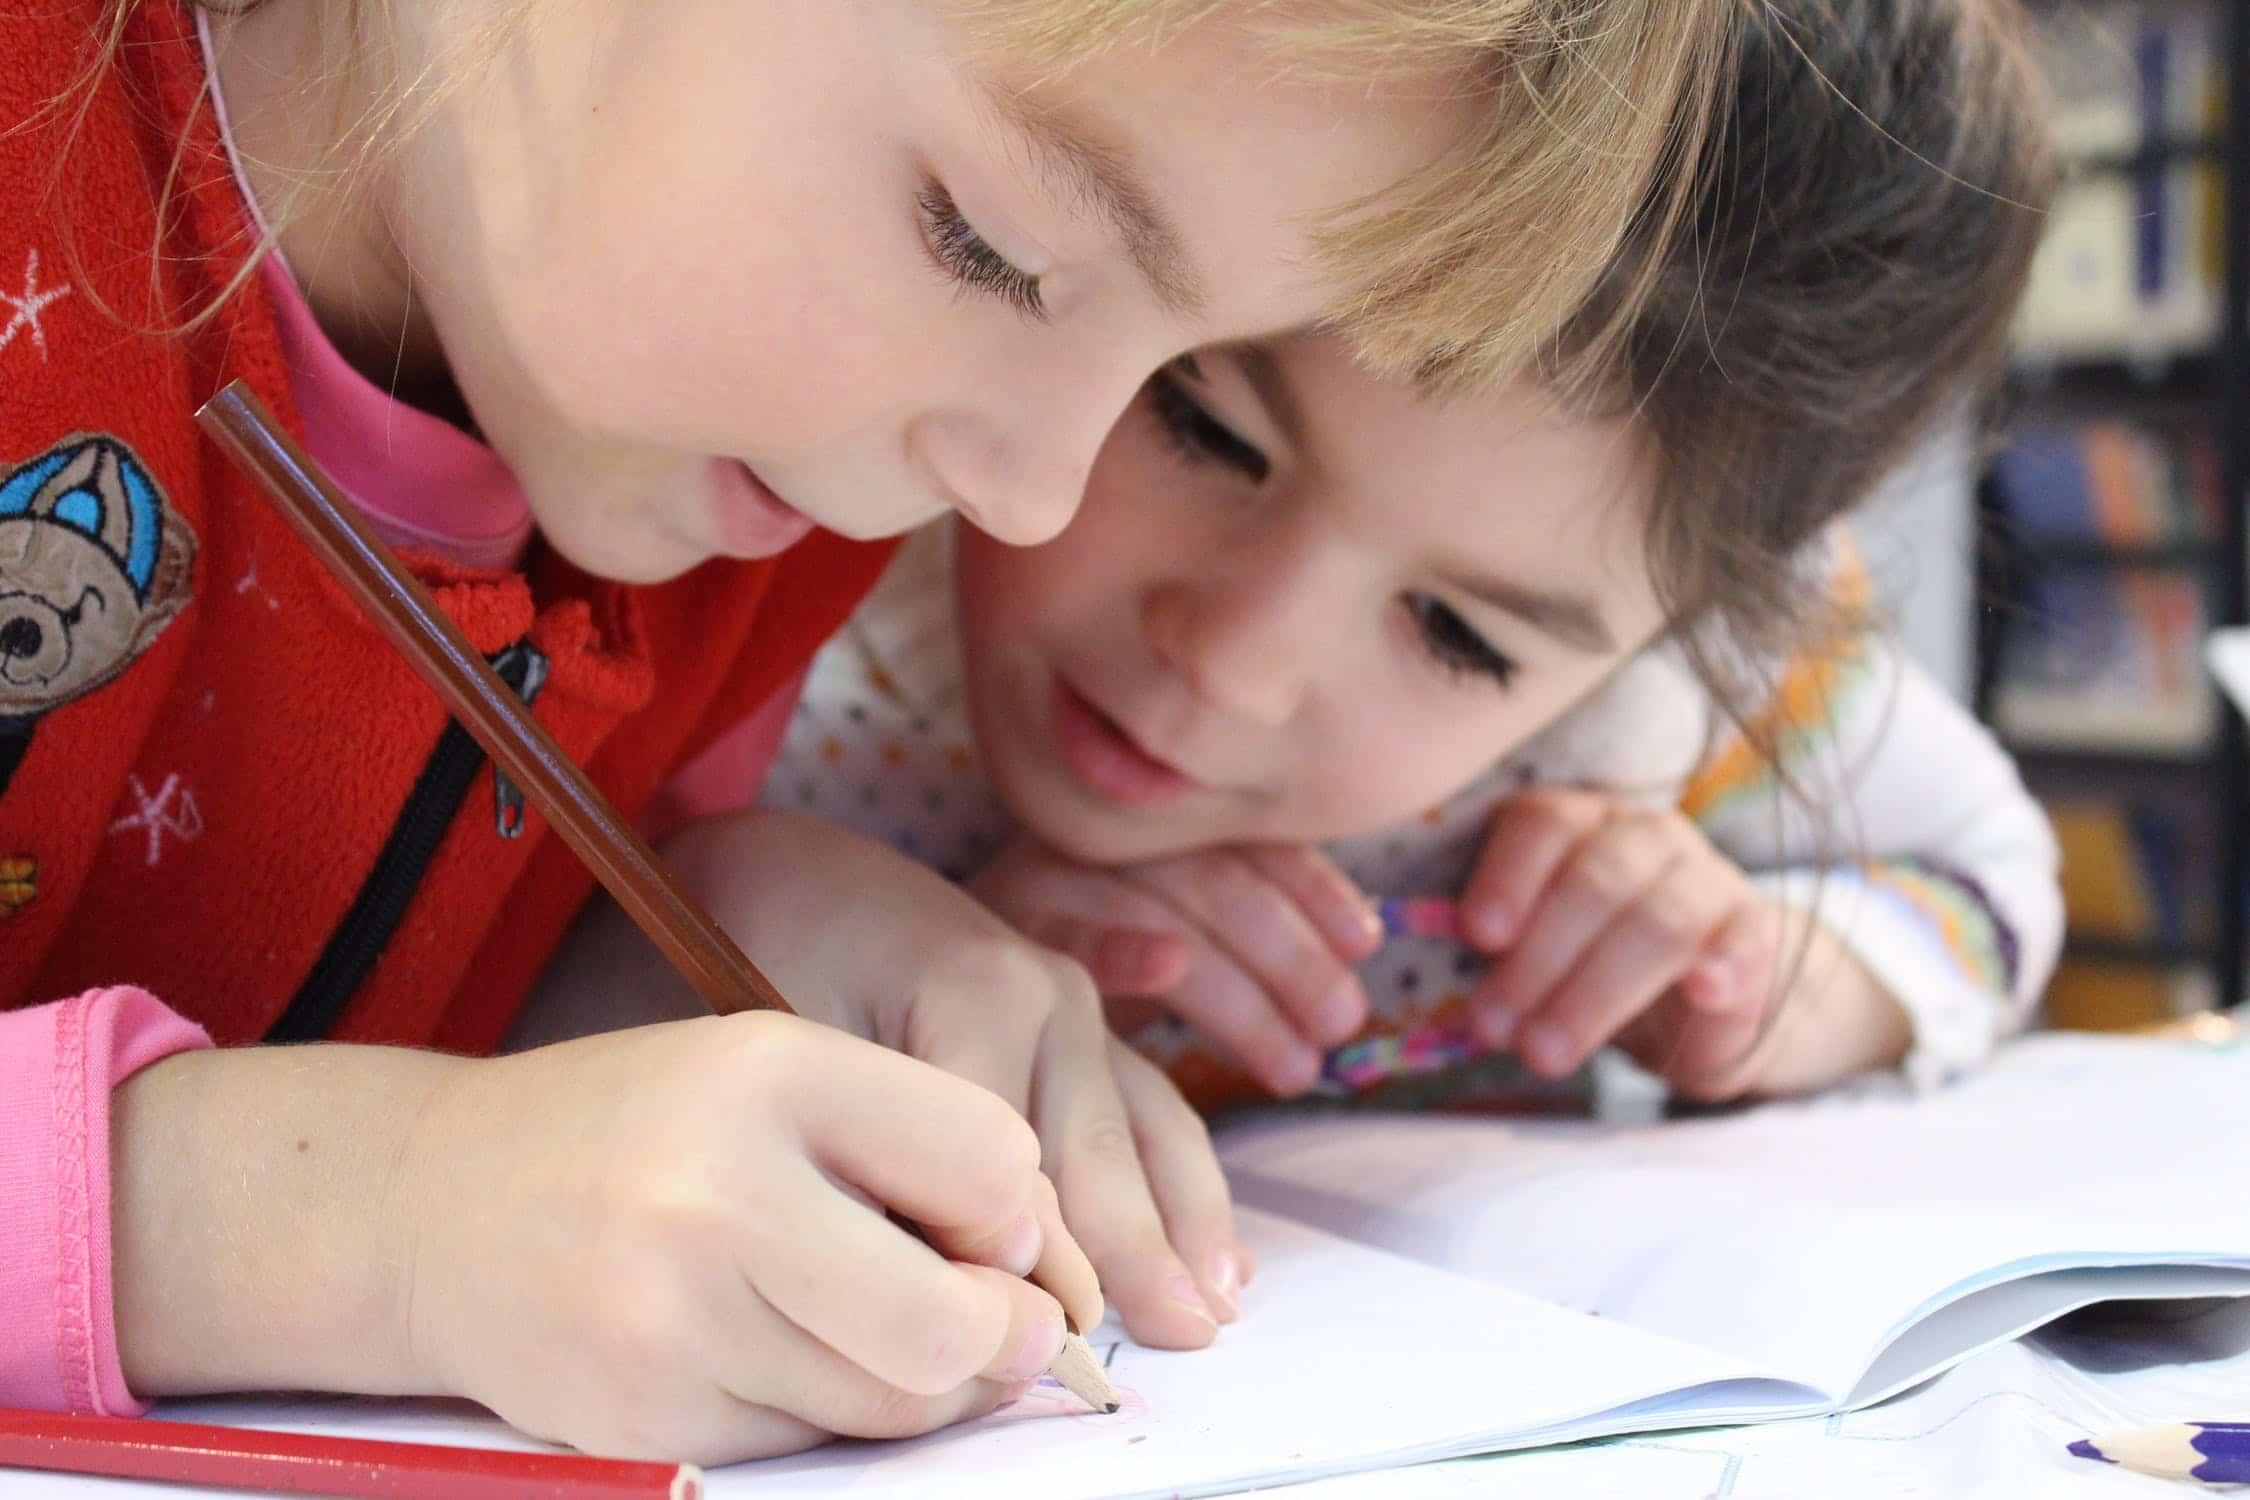 Principais Razões para Obter o Visto Ouro Português - Educação para Crianças e Facilidade de Viagem